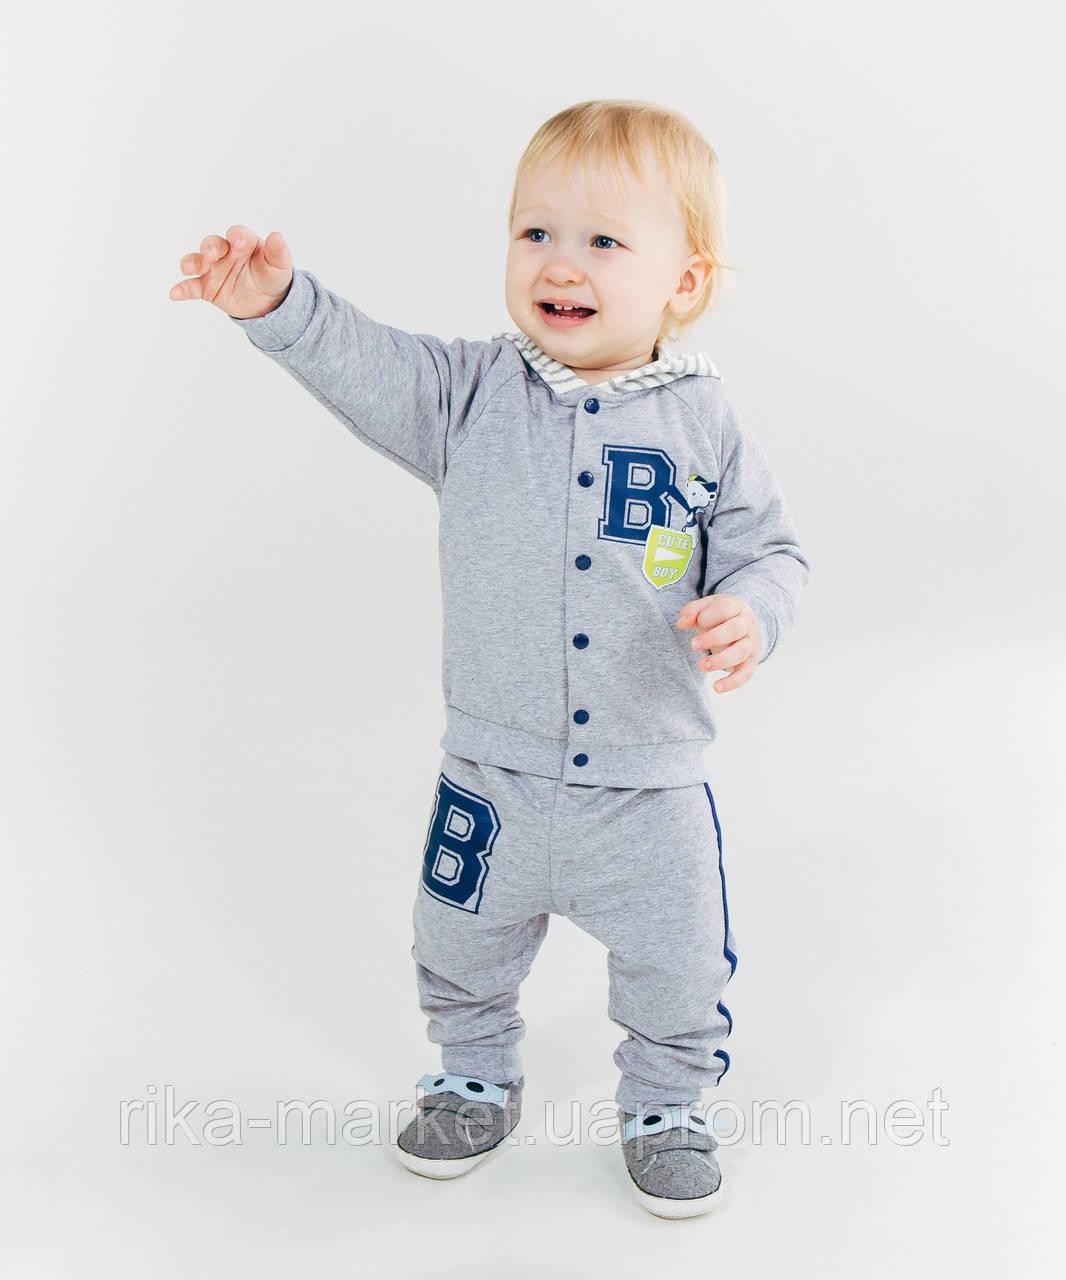 Комплект (куртка+брюки) для мальчика ТМ Смил, арт. 117193, возраст от 6 до 18 месяцев